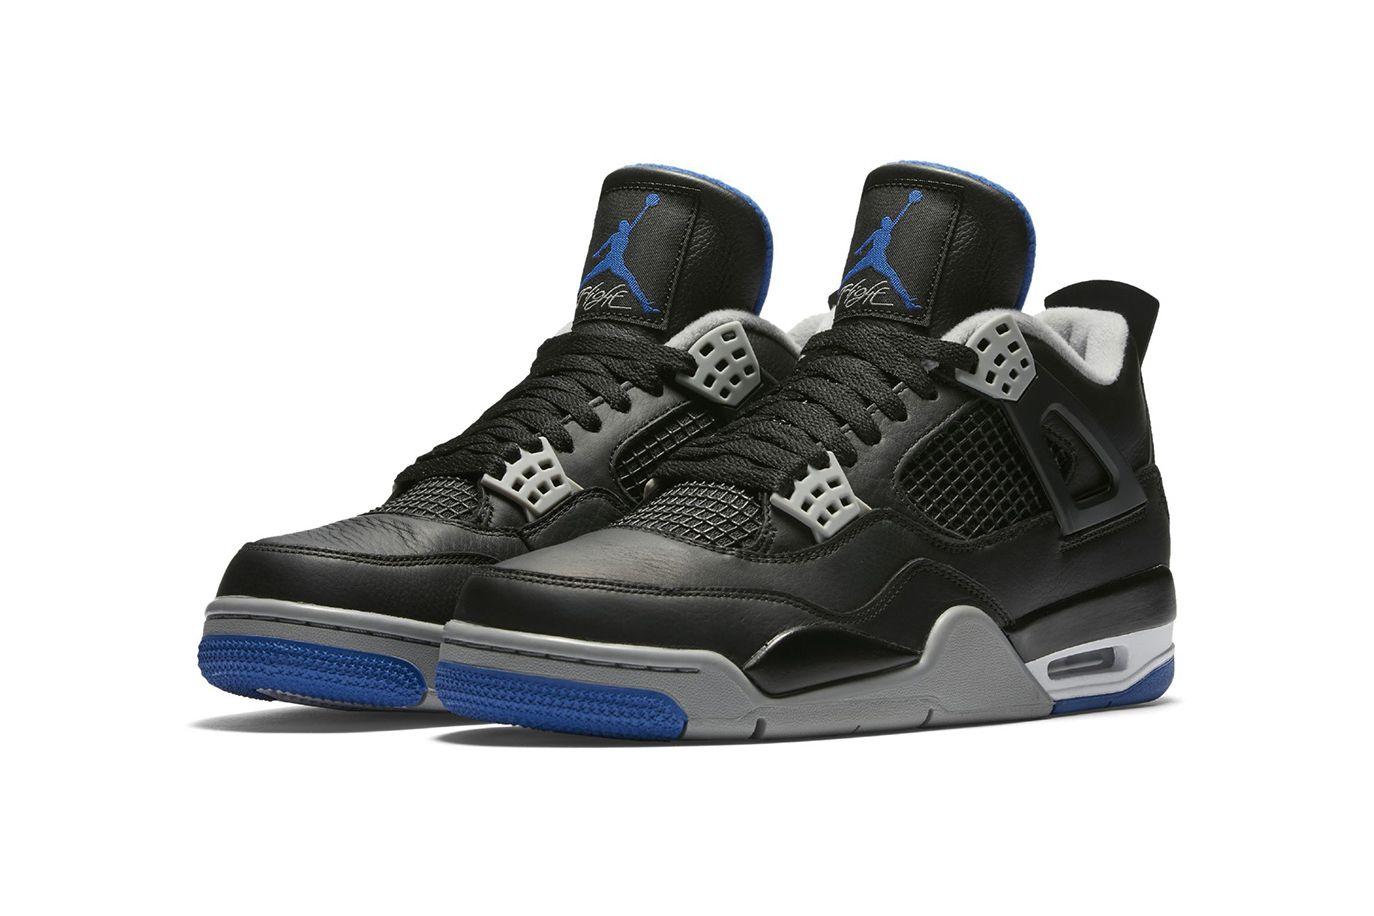 d5c6e671511f The Air Jordan 4 Gets the